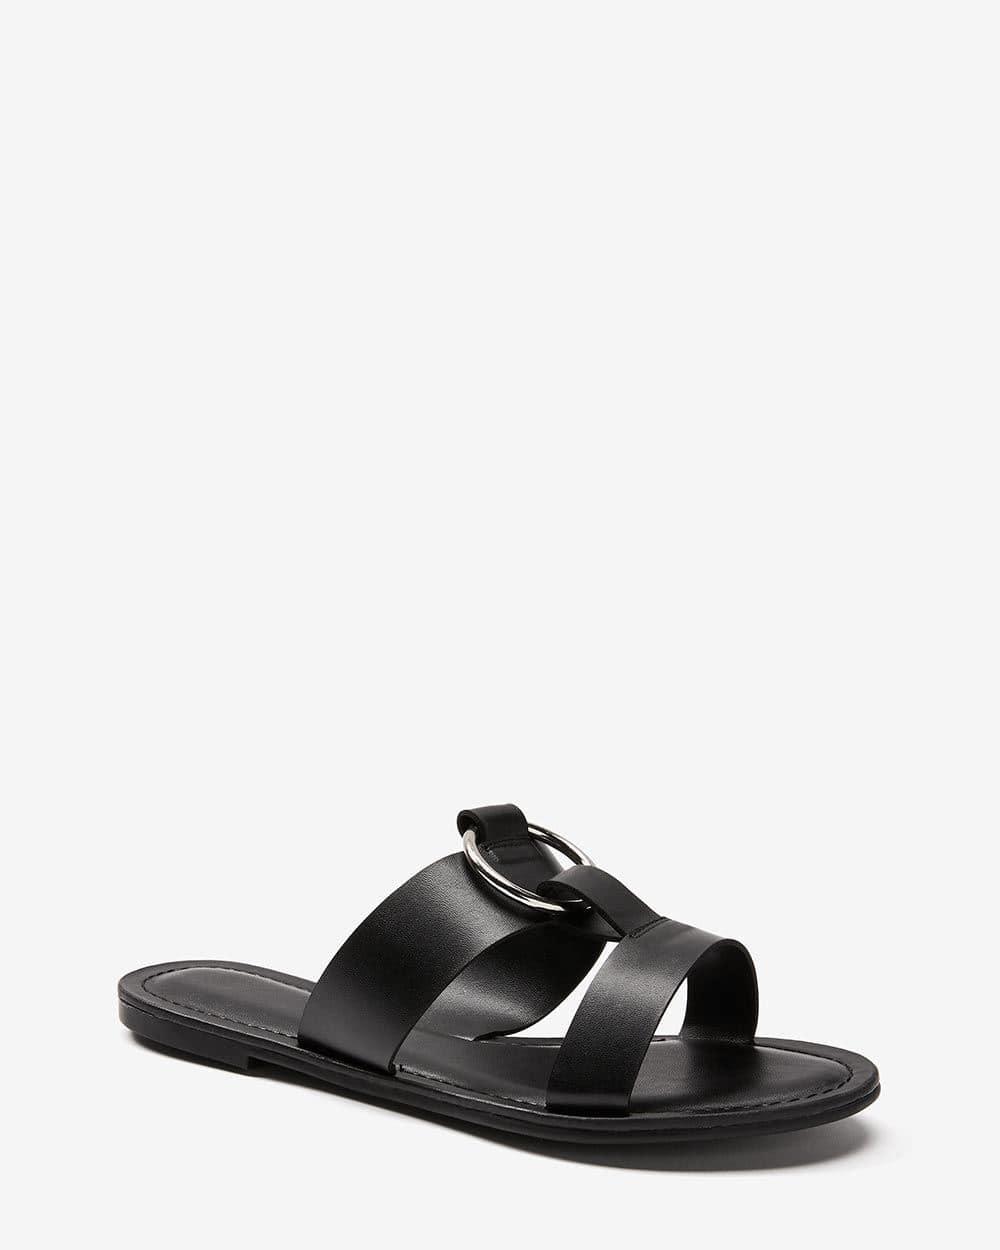 Slip Sandal with Metal Ring